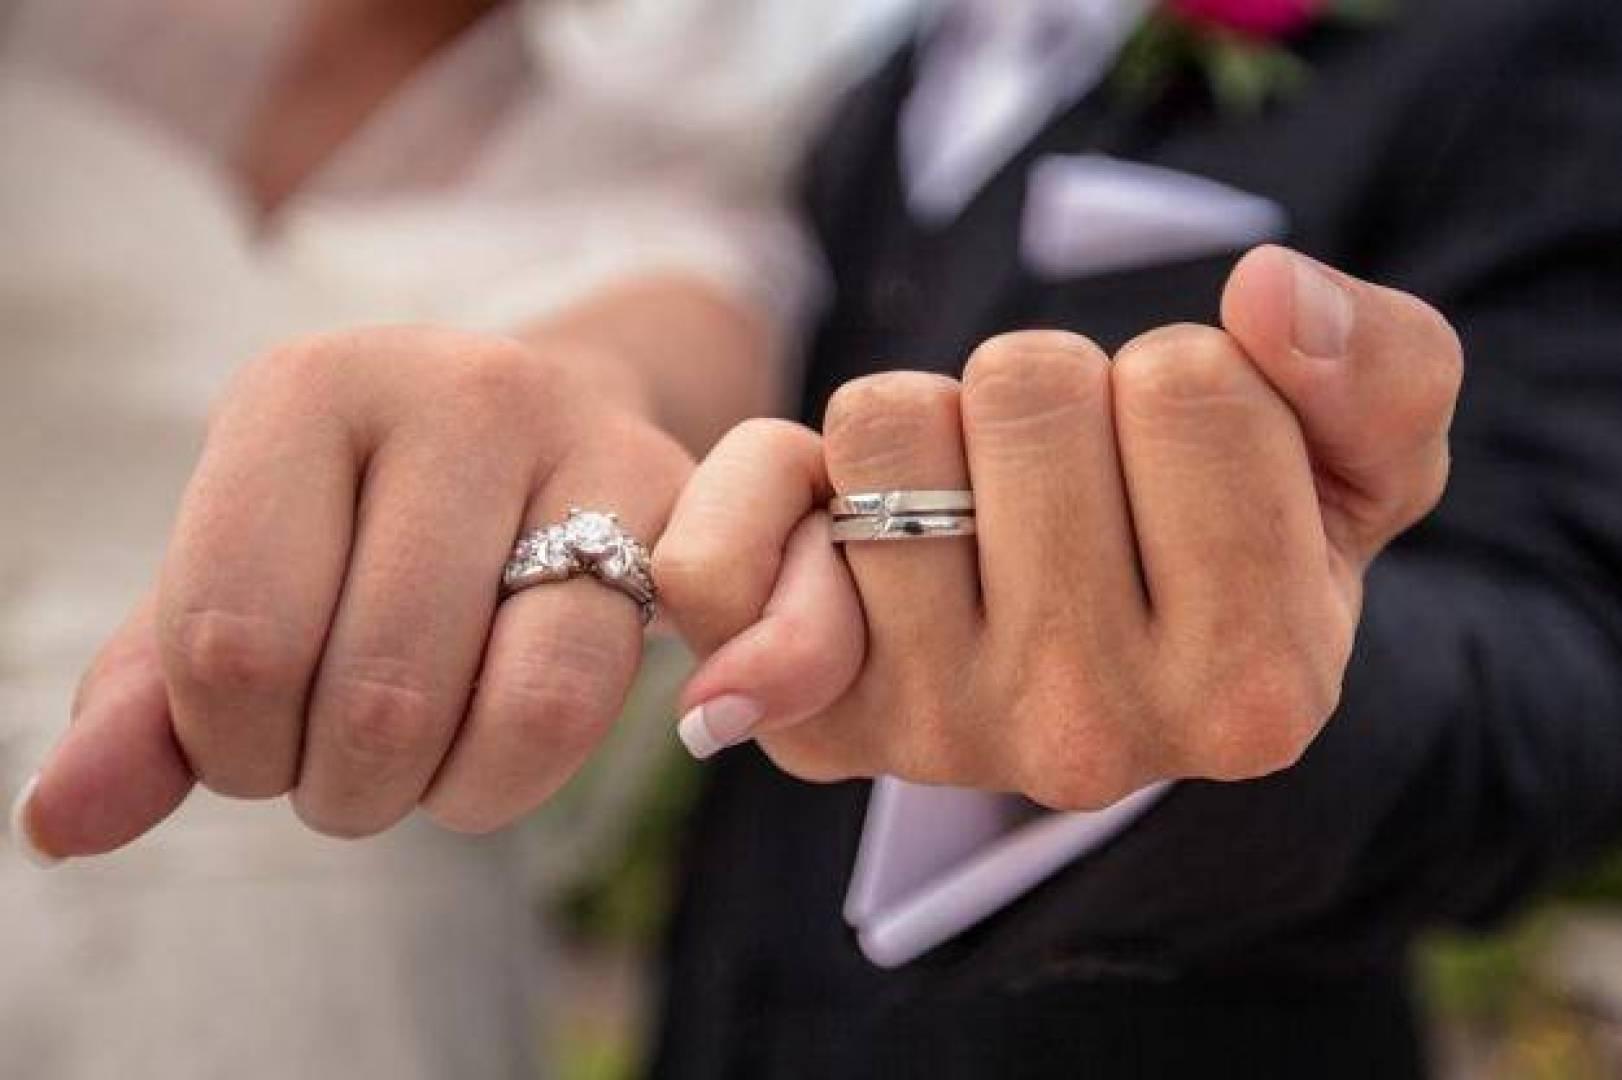 إتيكيت إرتداء خاتم الزفاف